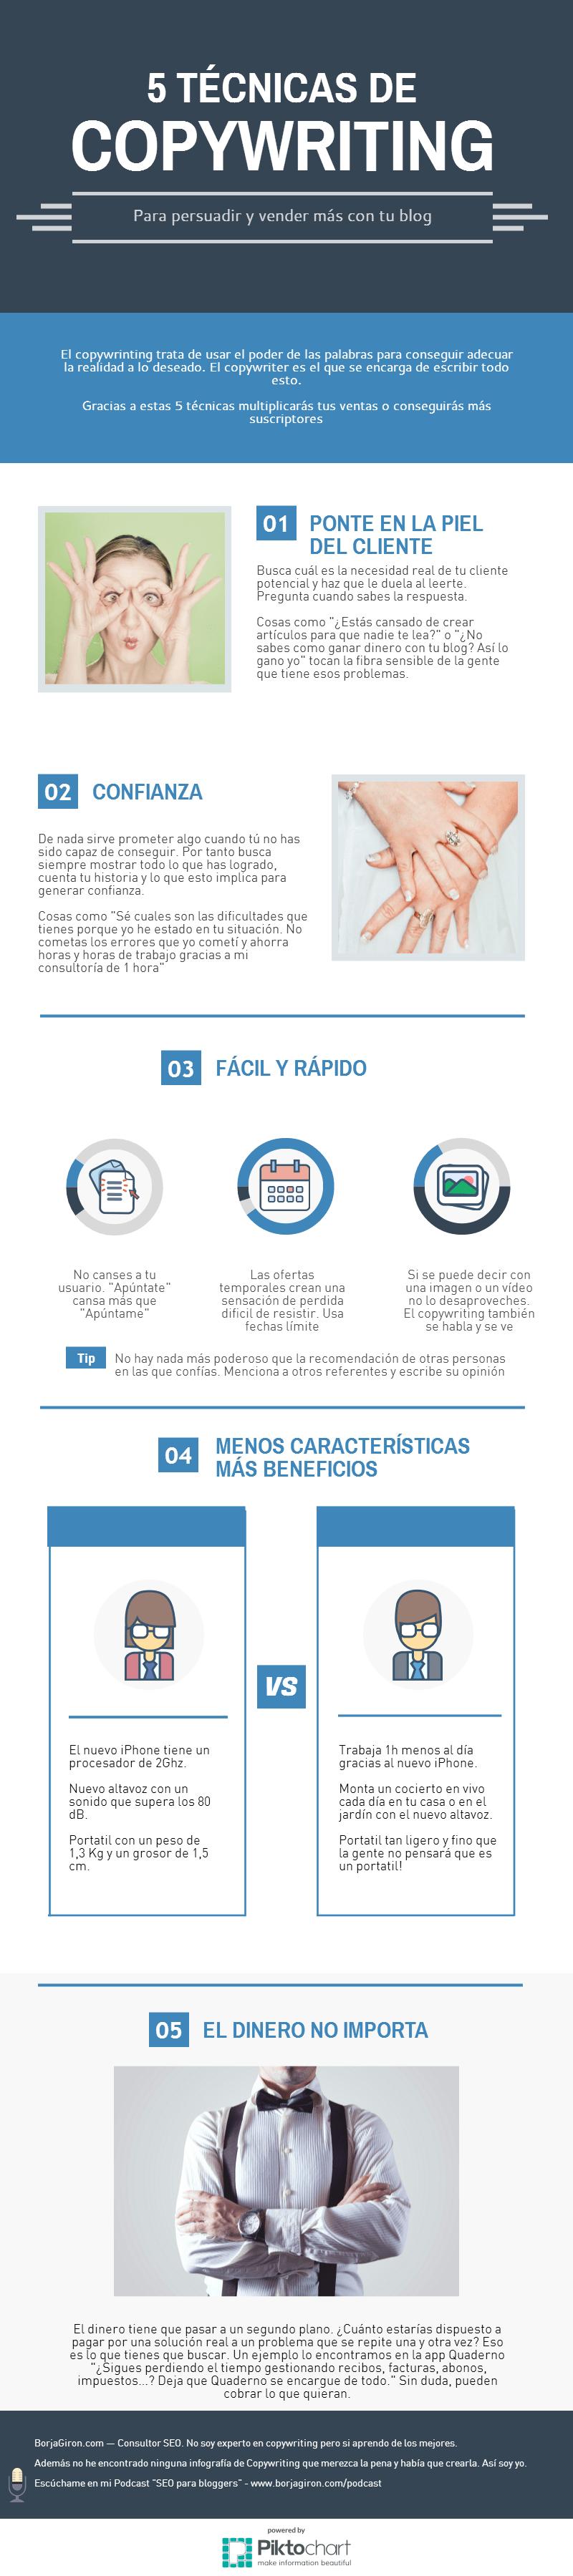 5 técnicas de copywriting #infografia #infographic #marketing